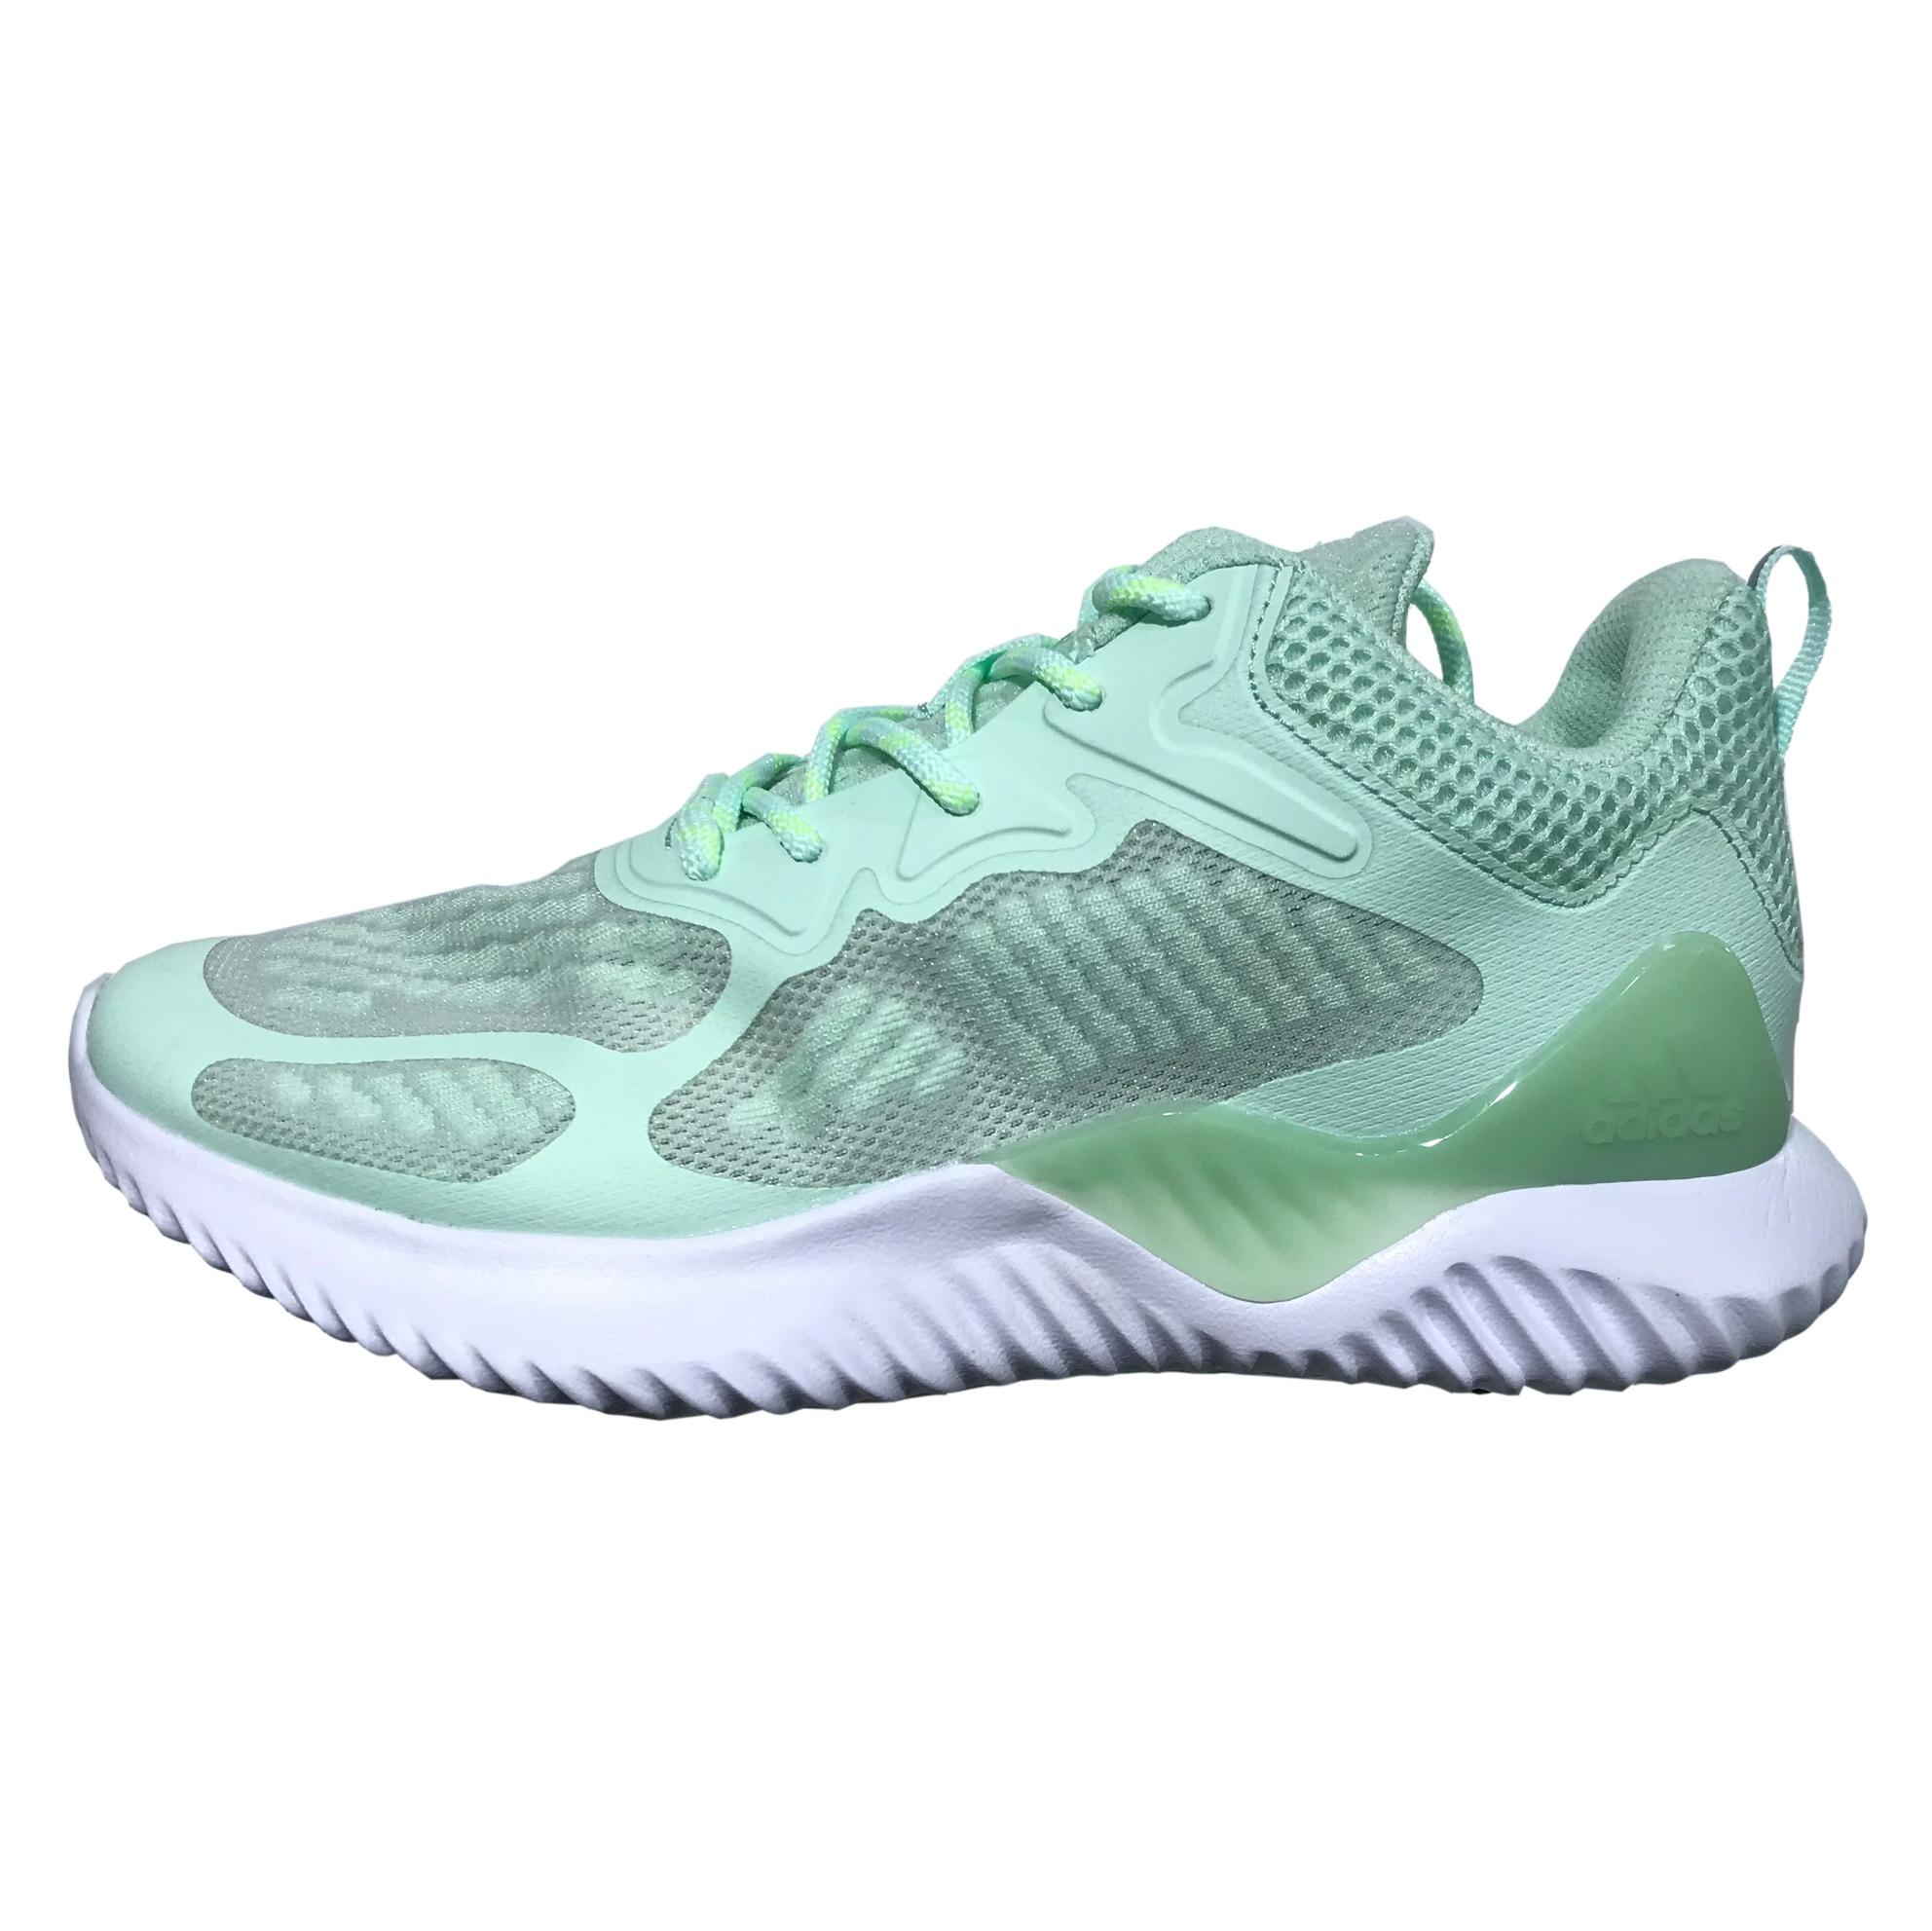 کفش مخصوص دویدن زنانه مدل Alphabounce